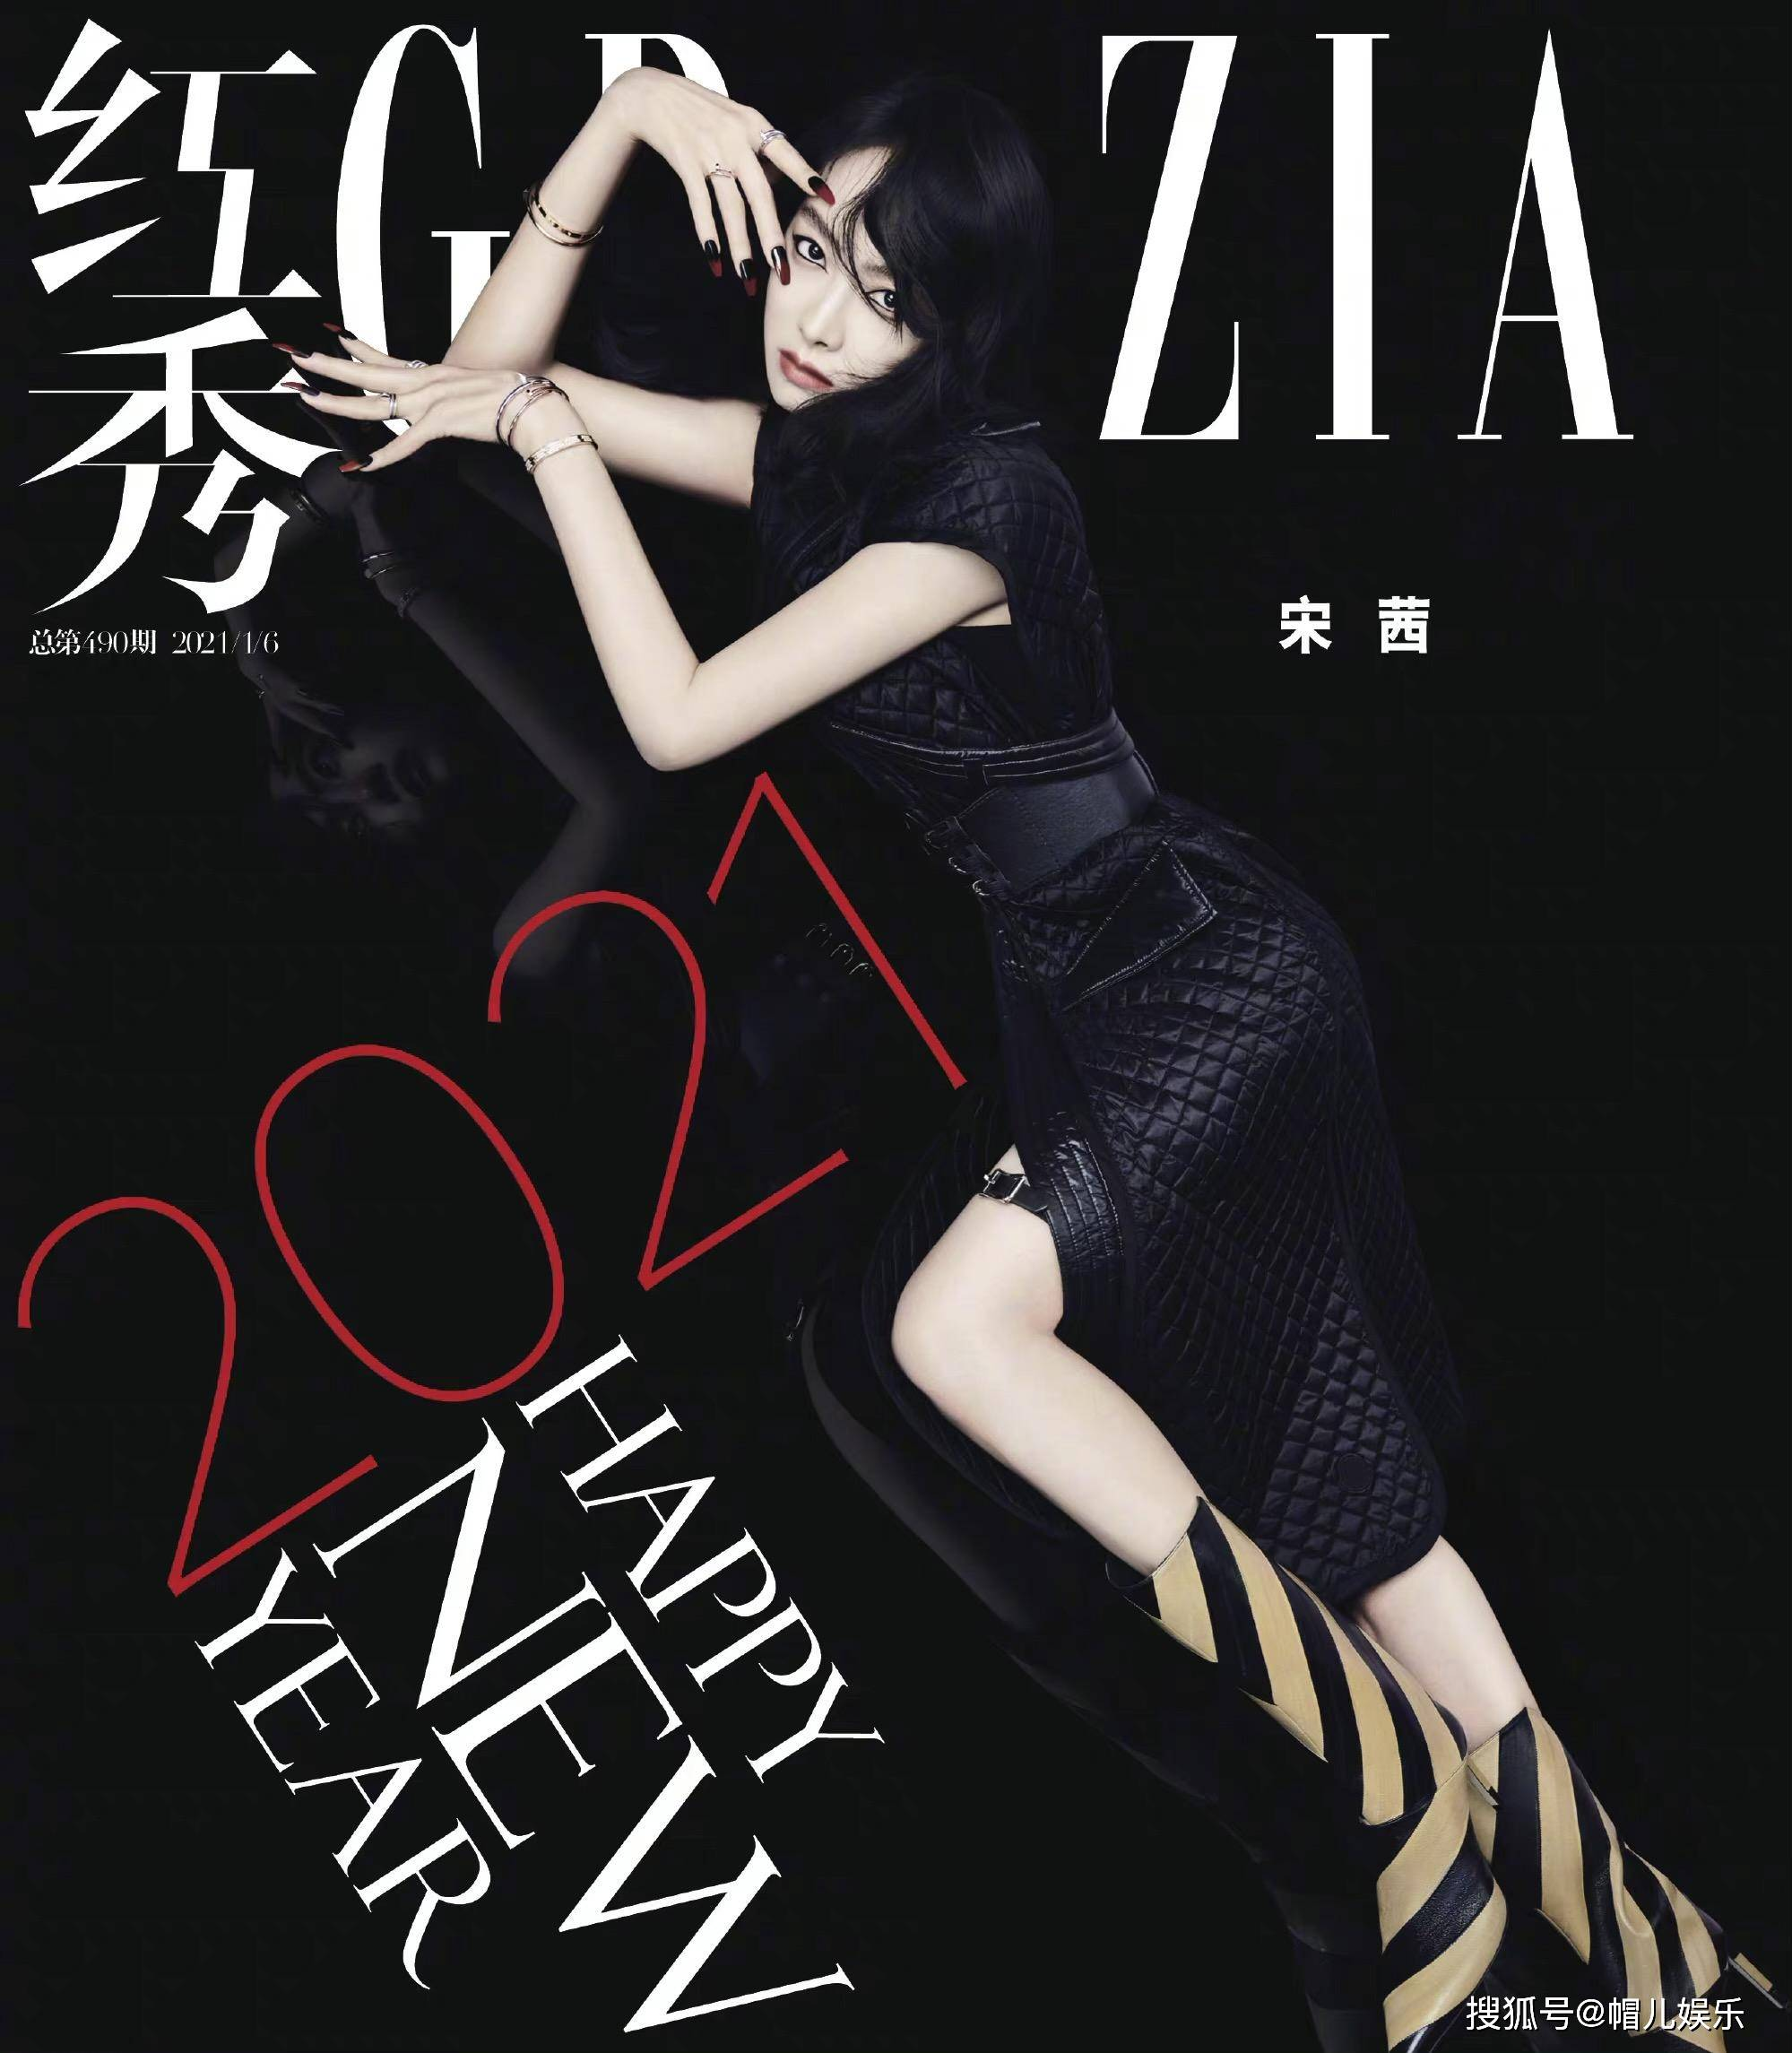 新生代花旦登时尚杂志封面,造型各异,谁更胜一筹?